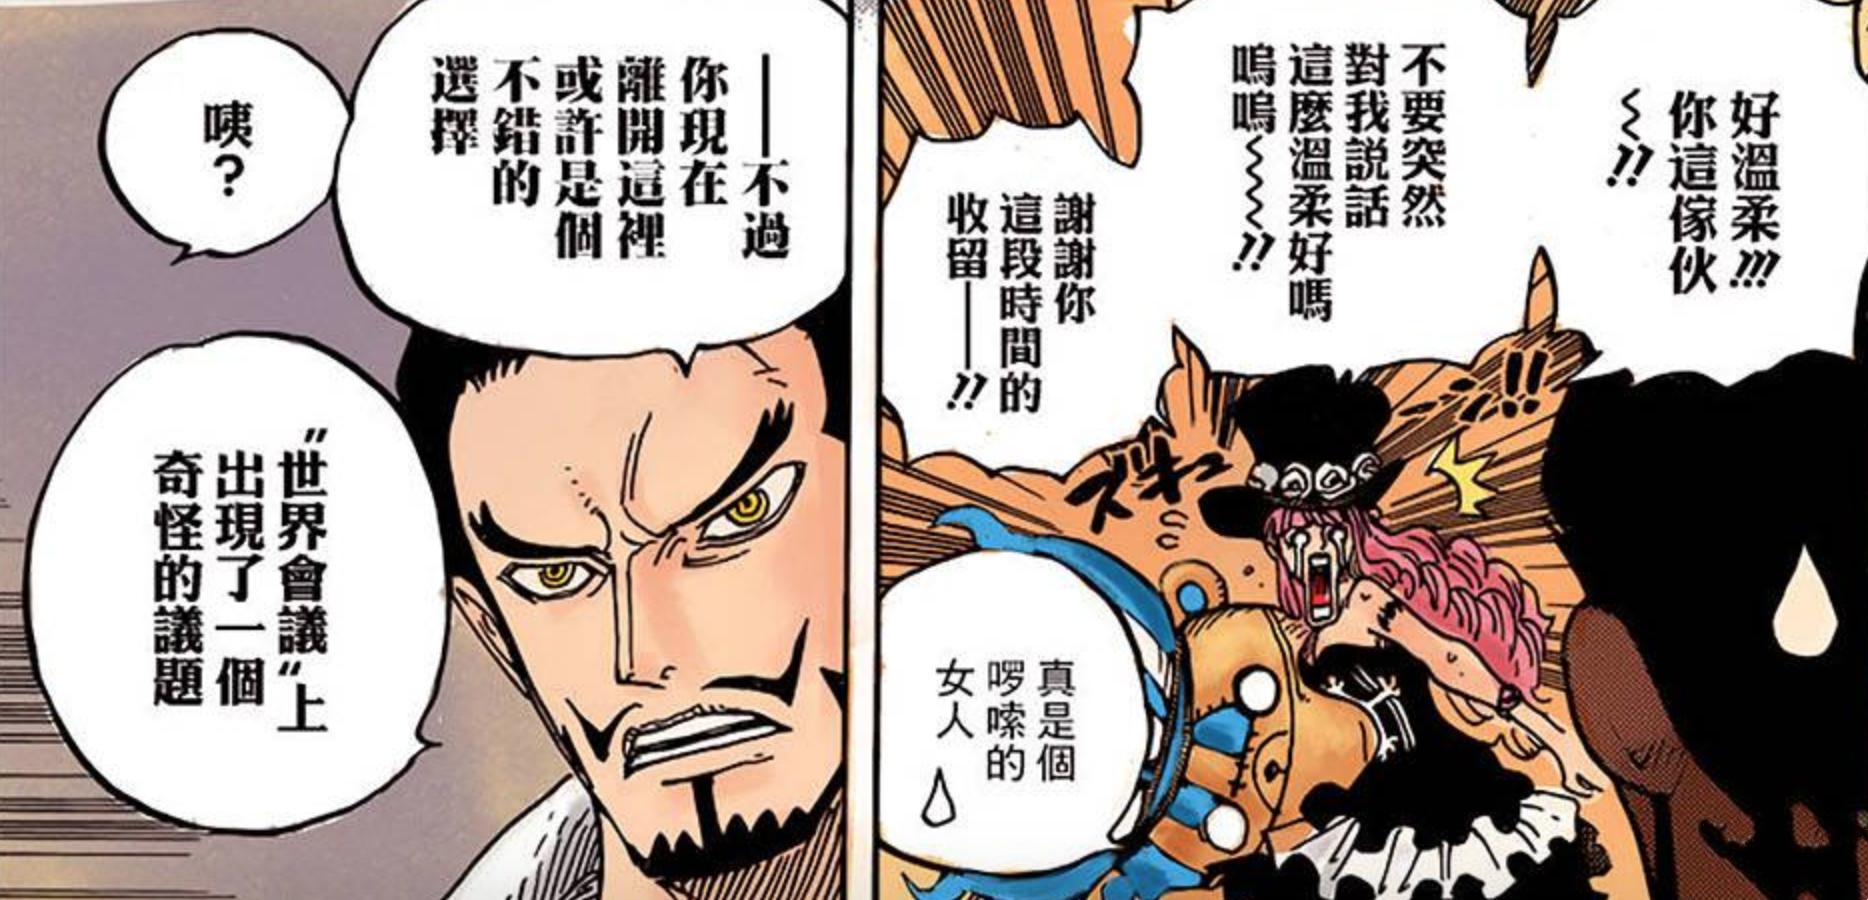 """海贼王漫画956话:萨波死亡的新闻曝光,世界政府废除""""七武海"""""""